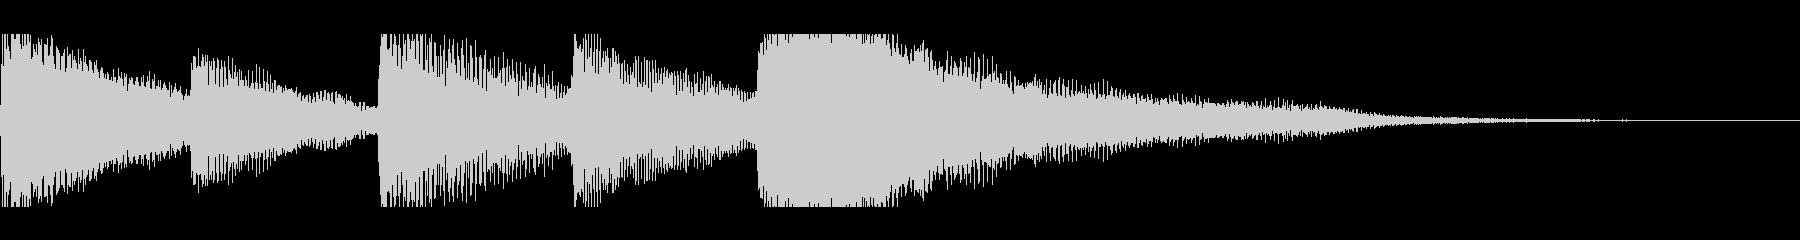 【7秒】シンプルなピアノジングルの未再生の波形